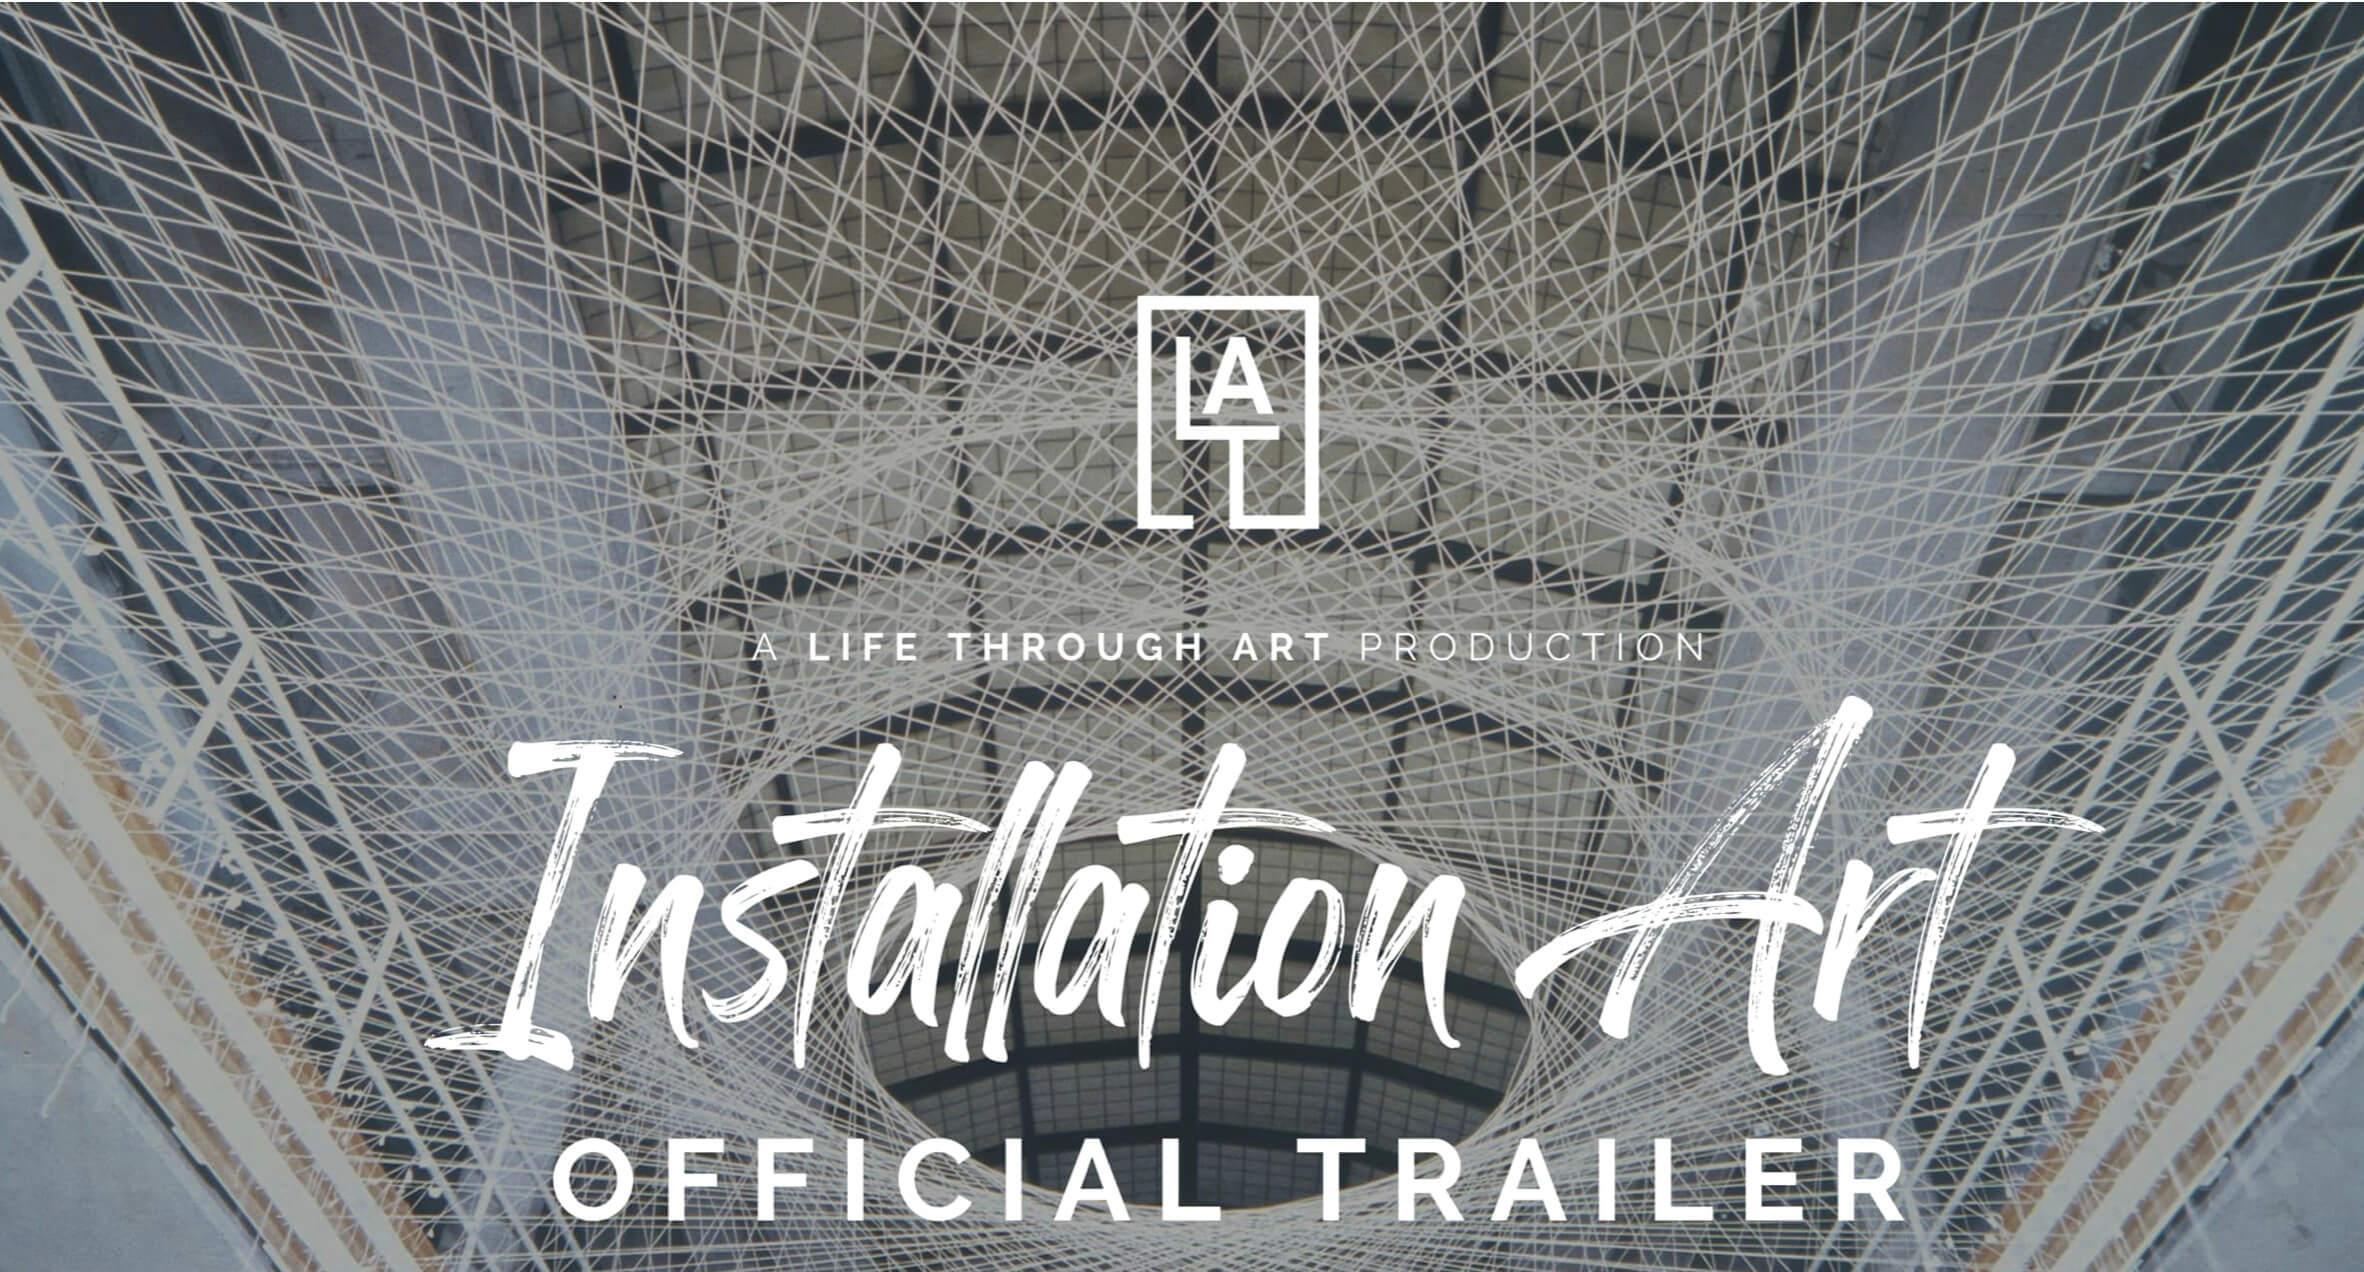 Documentary Film - Annette Lawrence: Installation Art